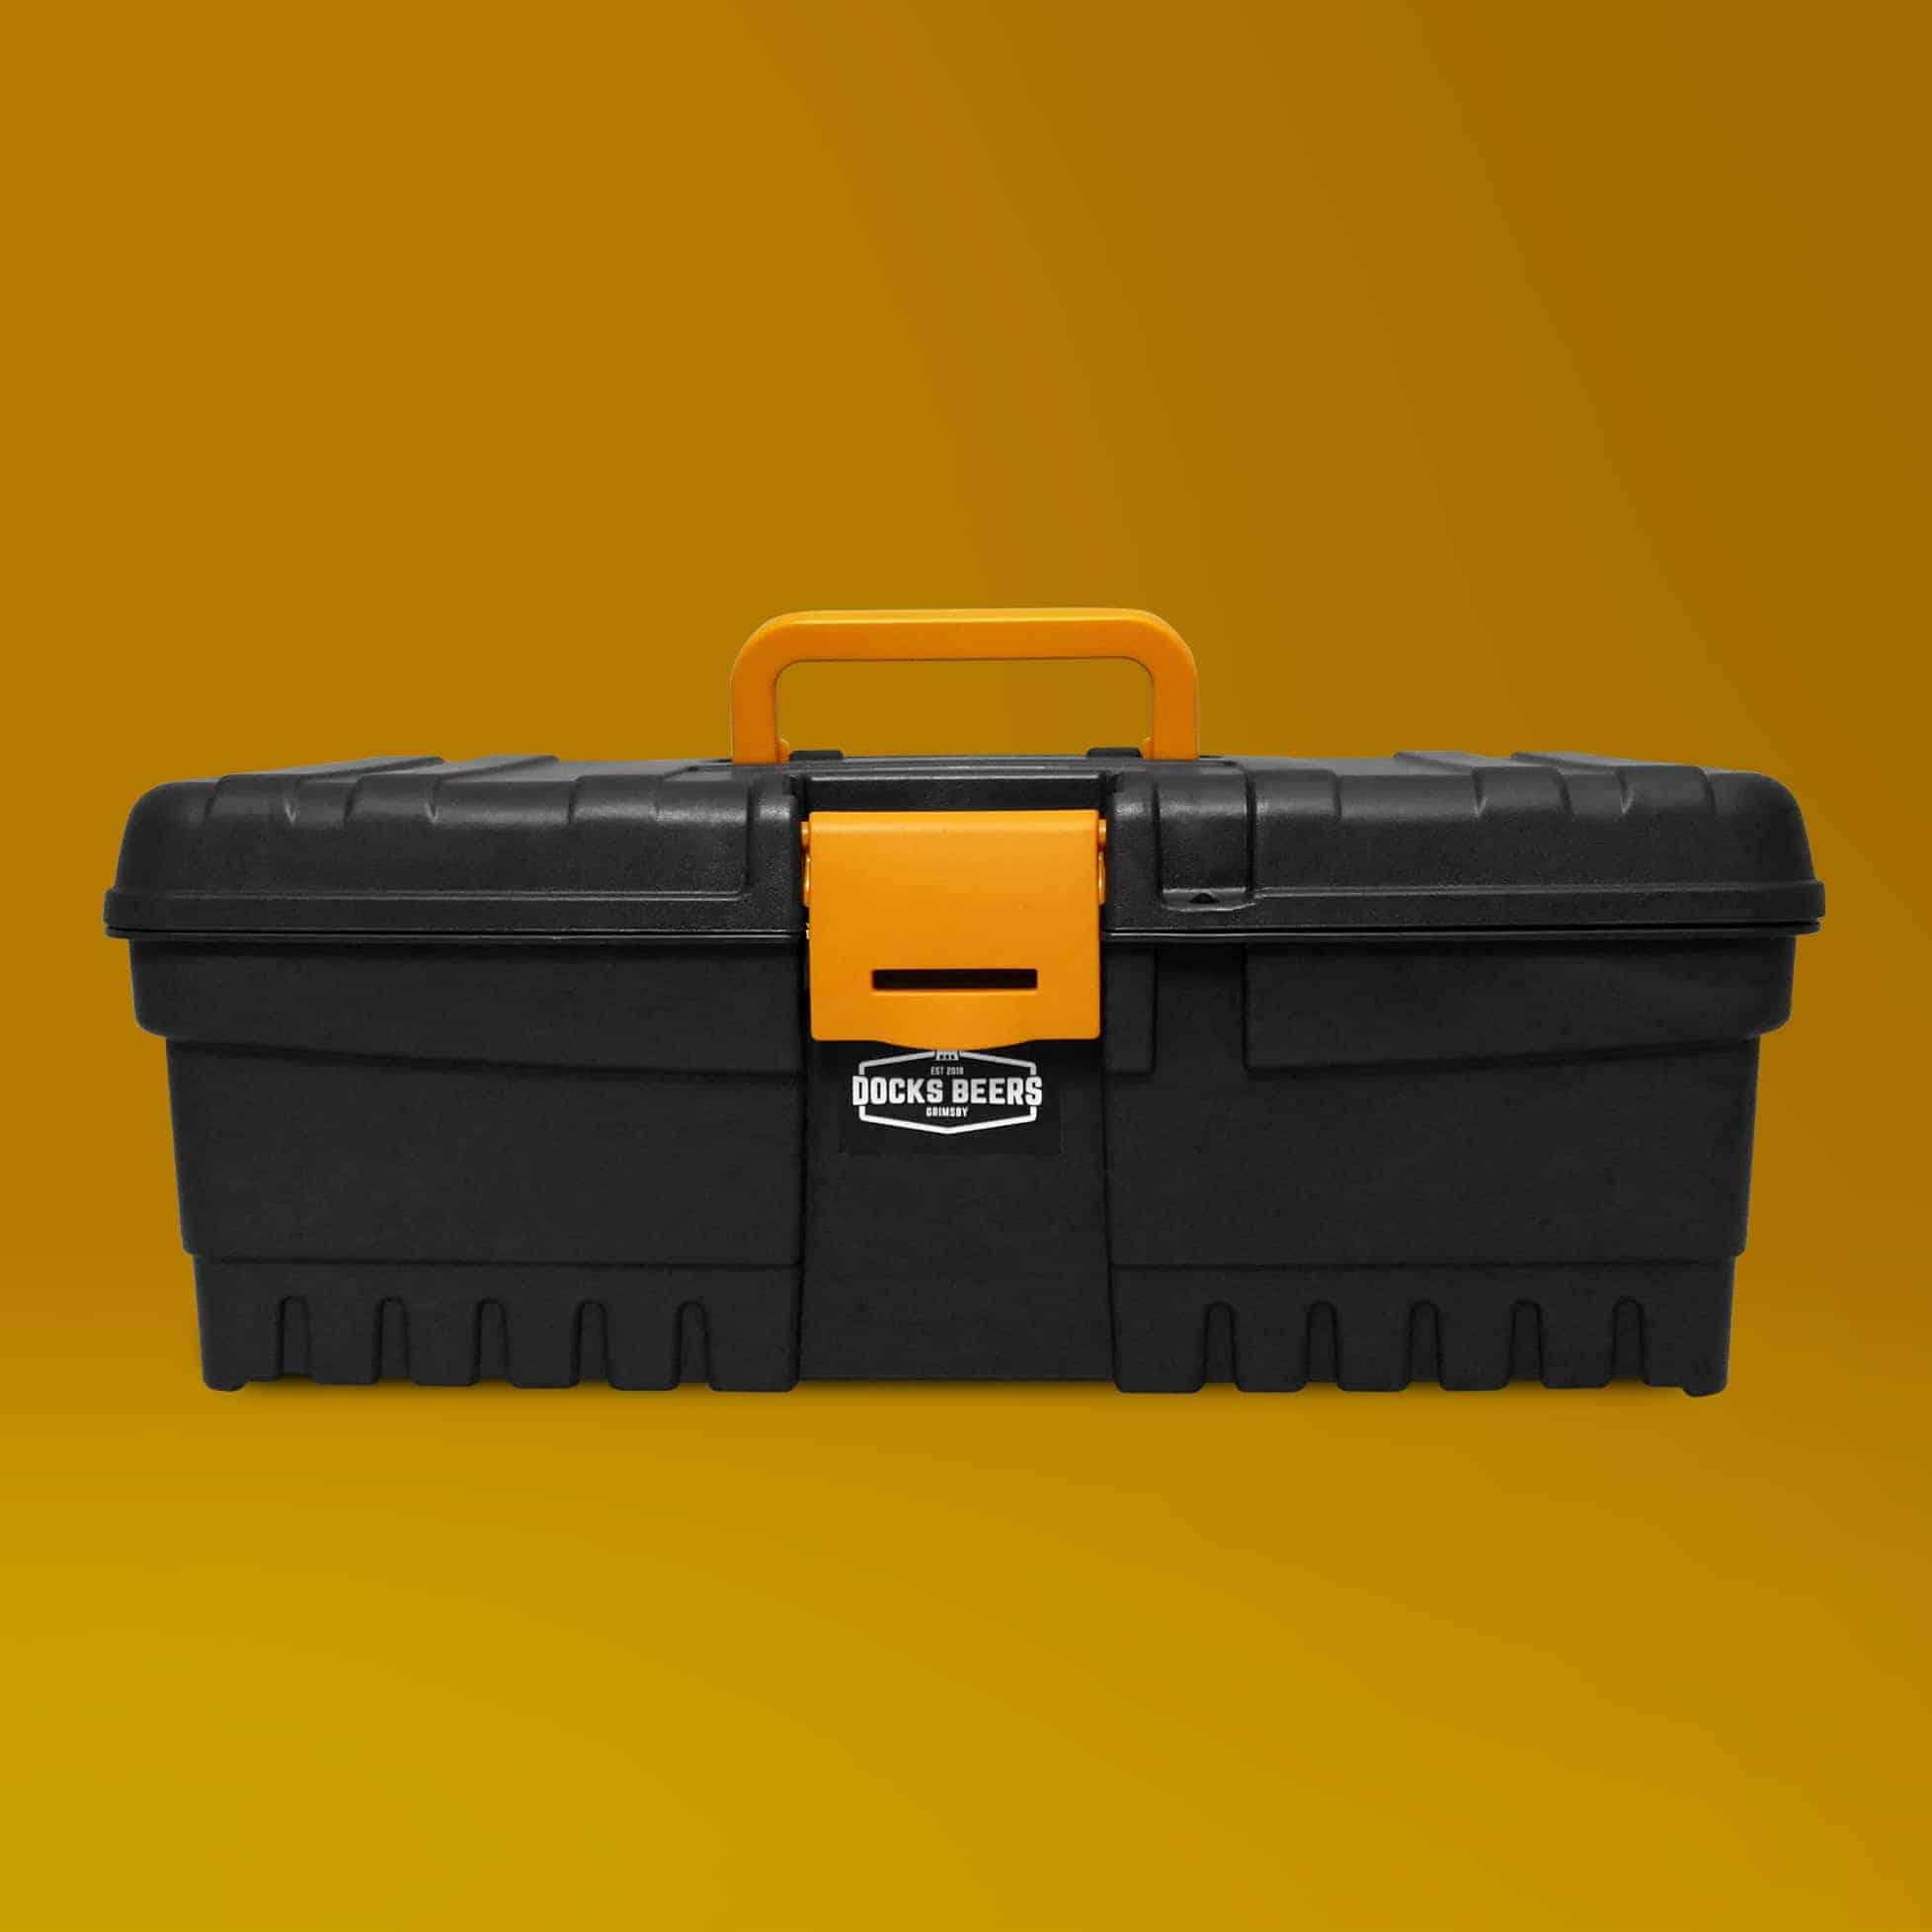 Docks Beers - Craft Beer Toolbox Bundle Gift Set - Products